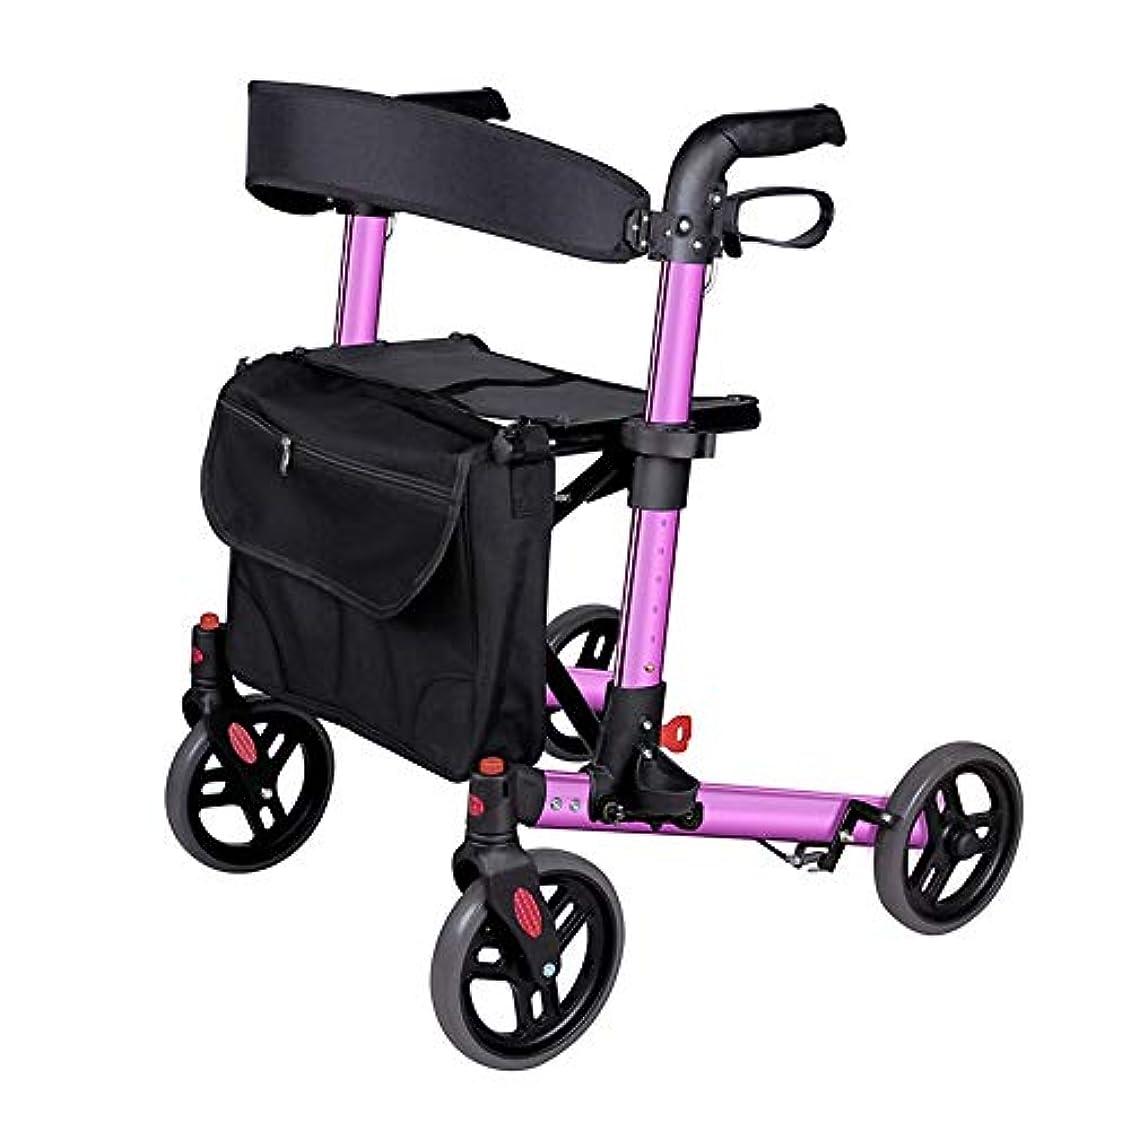 住居最も遠い侵入老人のショッピングカートのプッシュは、歩行歩行器に座ることができます